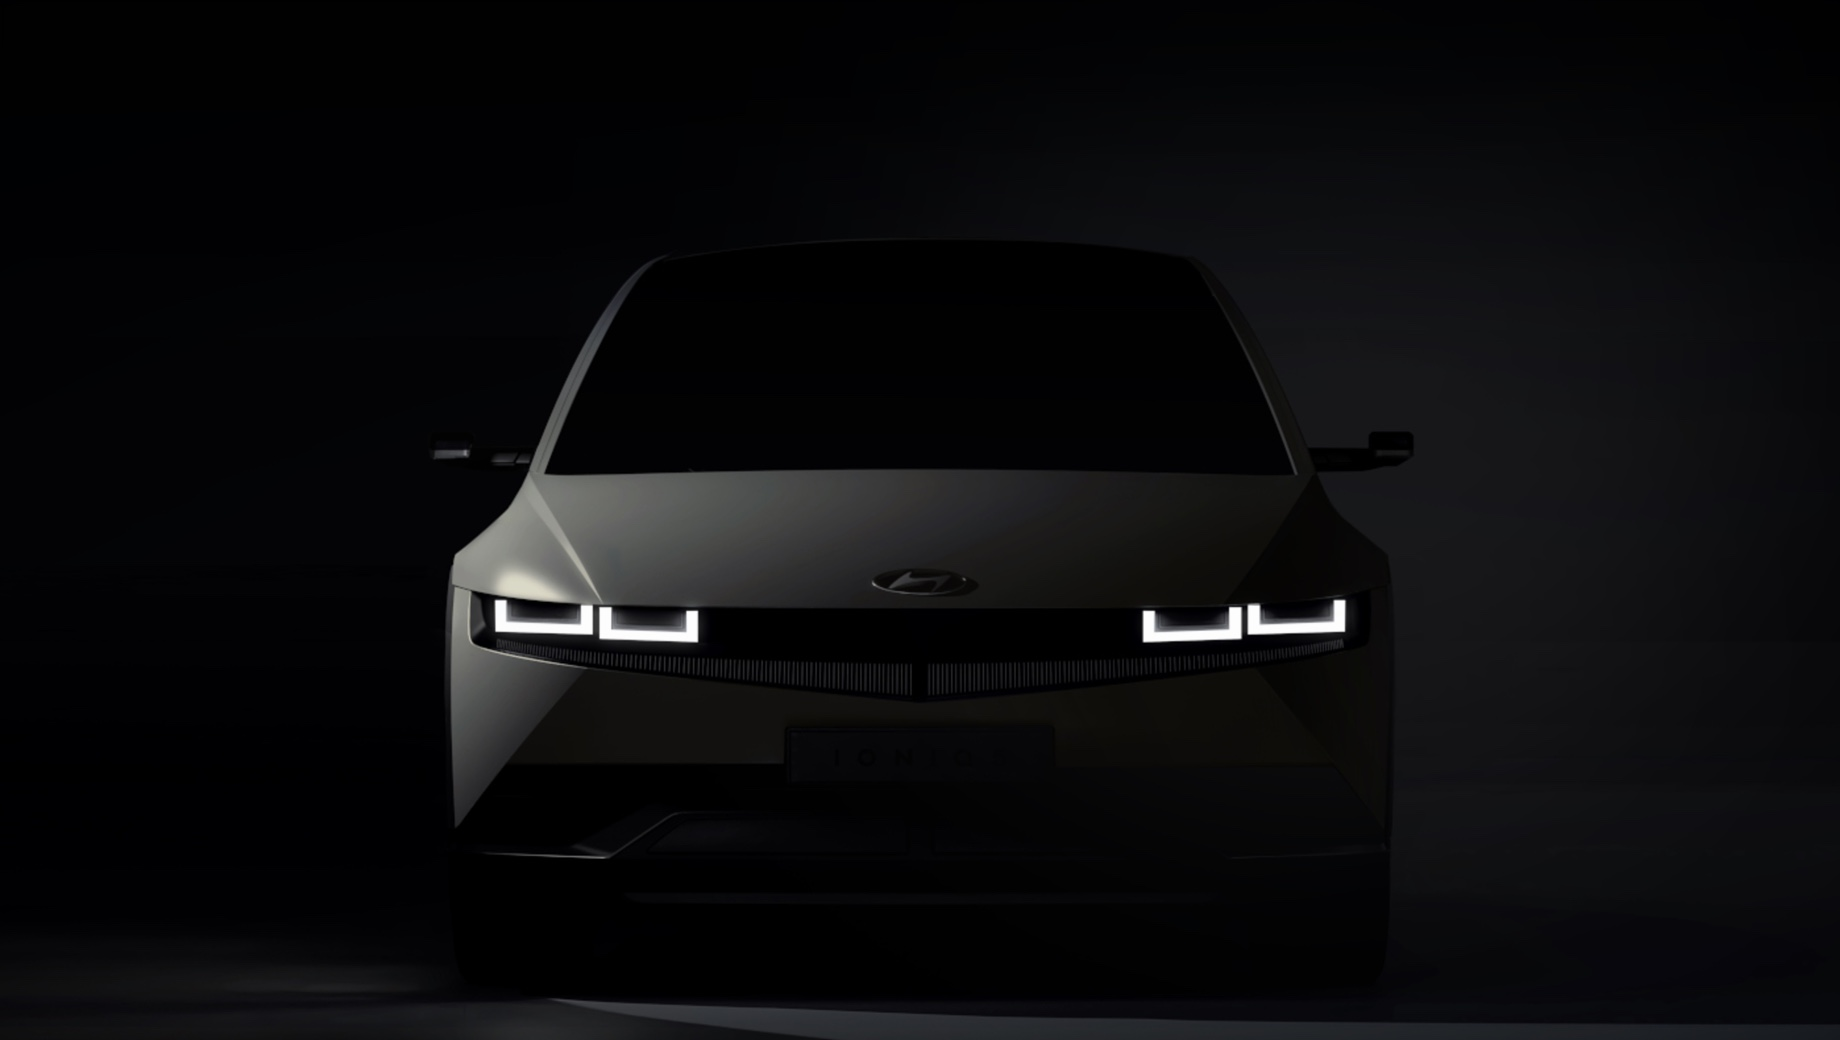 Hyundai ioniq. В истории с электрокарами Ioniq самое интересное для нас то, что они будут продаваться и в России. И случится это уже скоро, в новом году, о чём заявили представители российского офиса Hyundai на специальной онлайн-конференции.